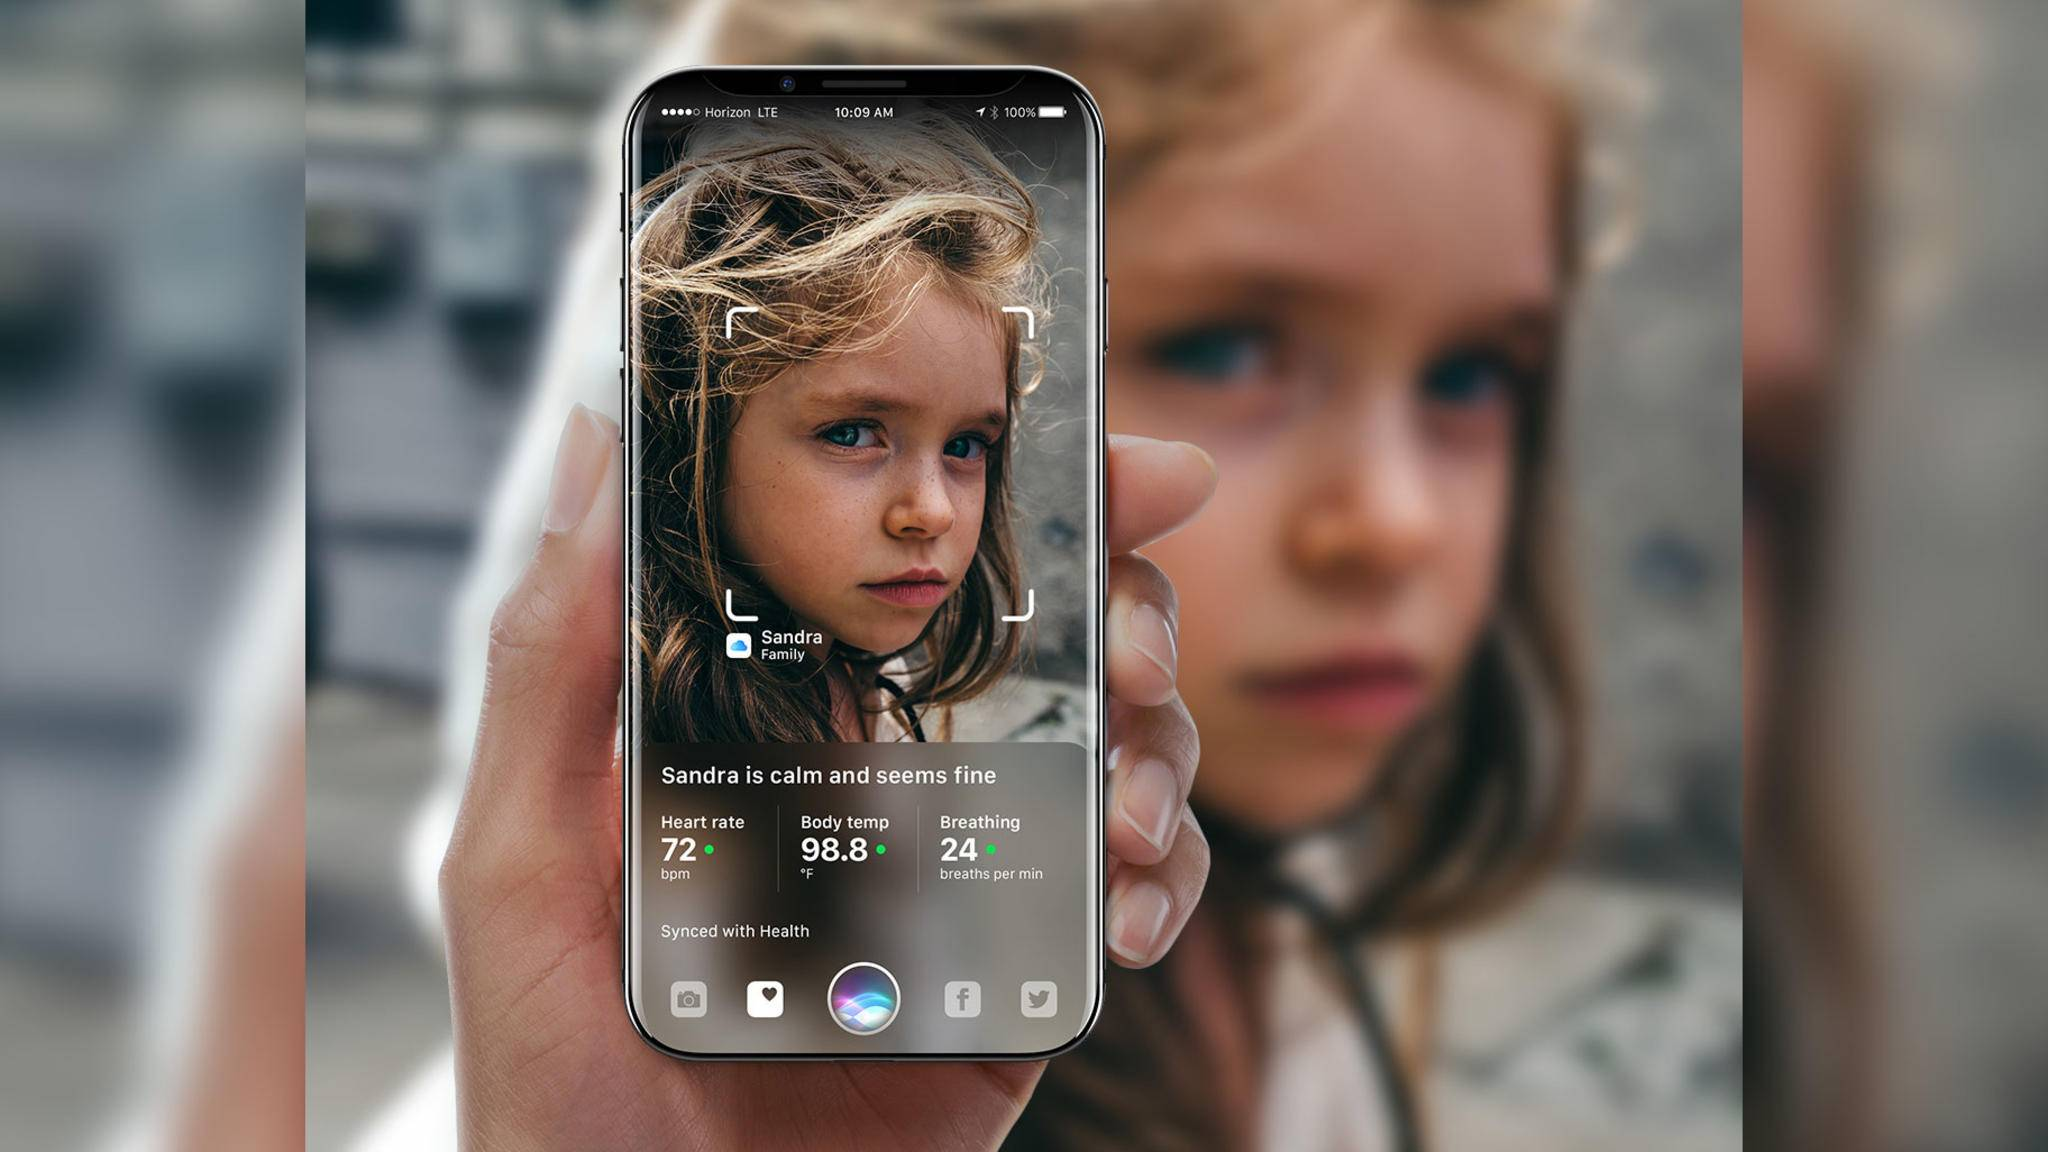 Die iPhone-8-Kamera könnte Szenen erkennen und automatisch die besten Einstellungen wählen.